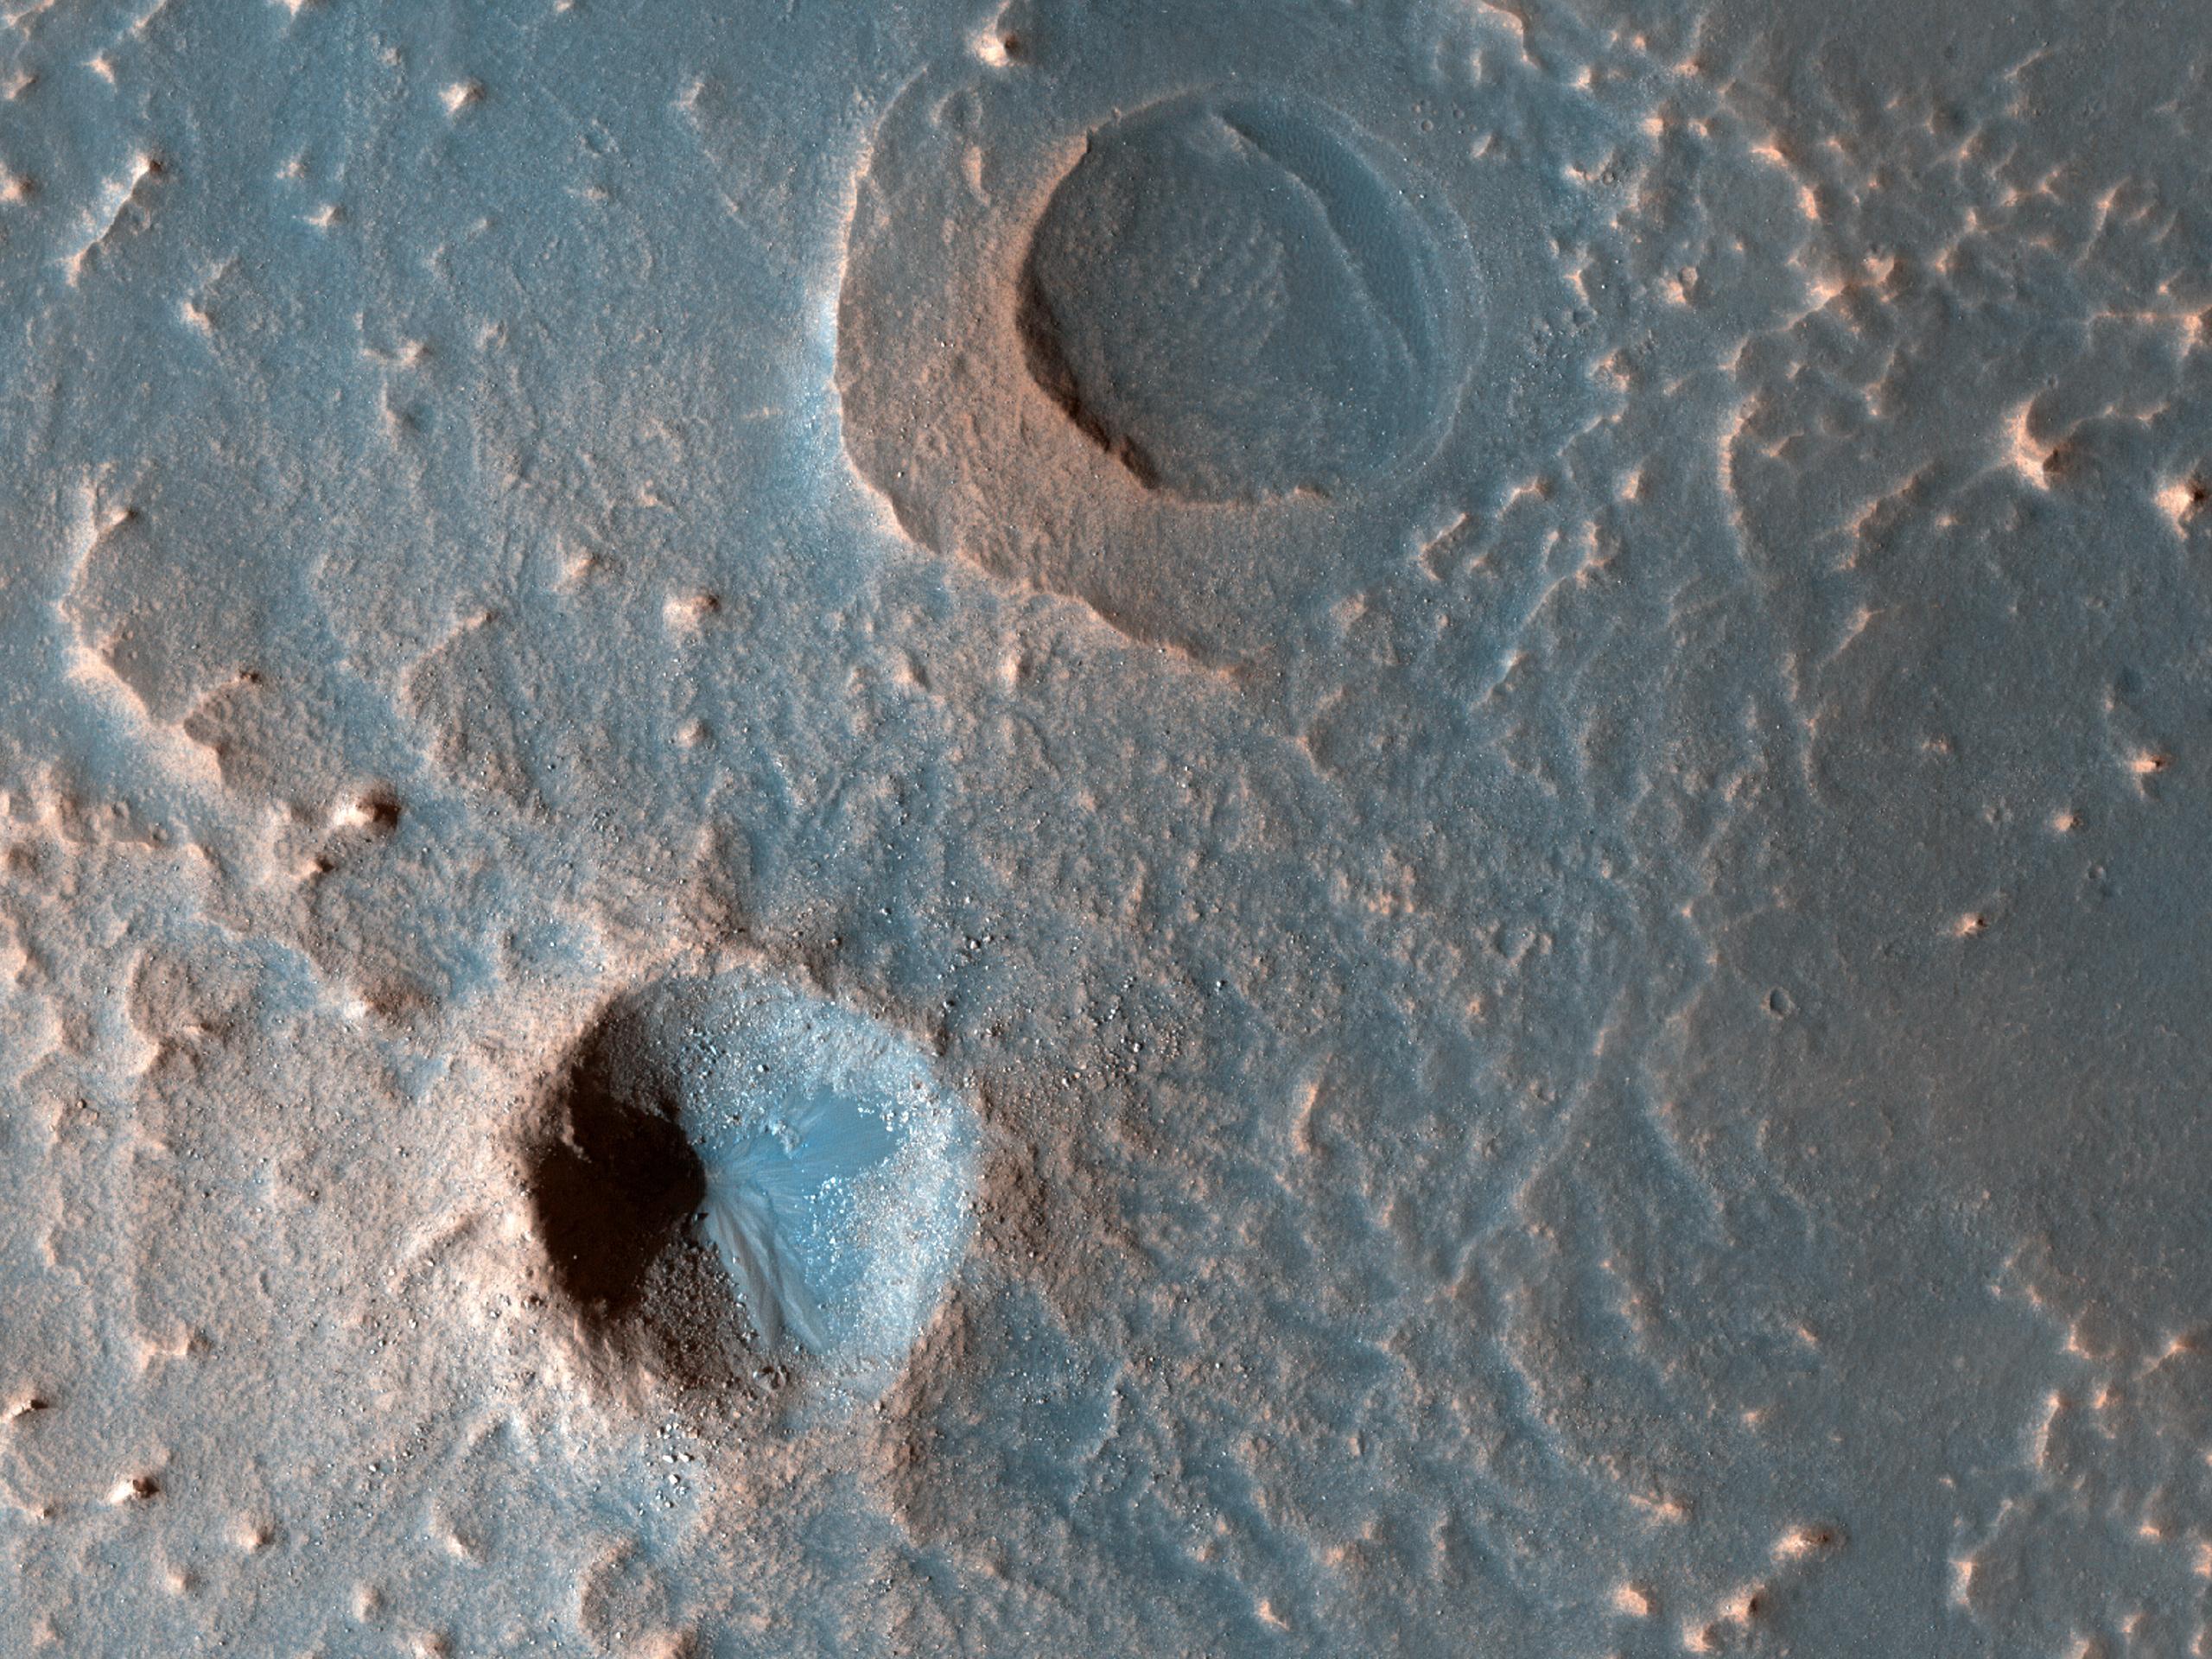 Un caratteristico cratere da impatto a raggiera nella Meridiani Planum